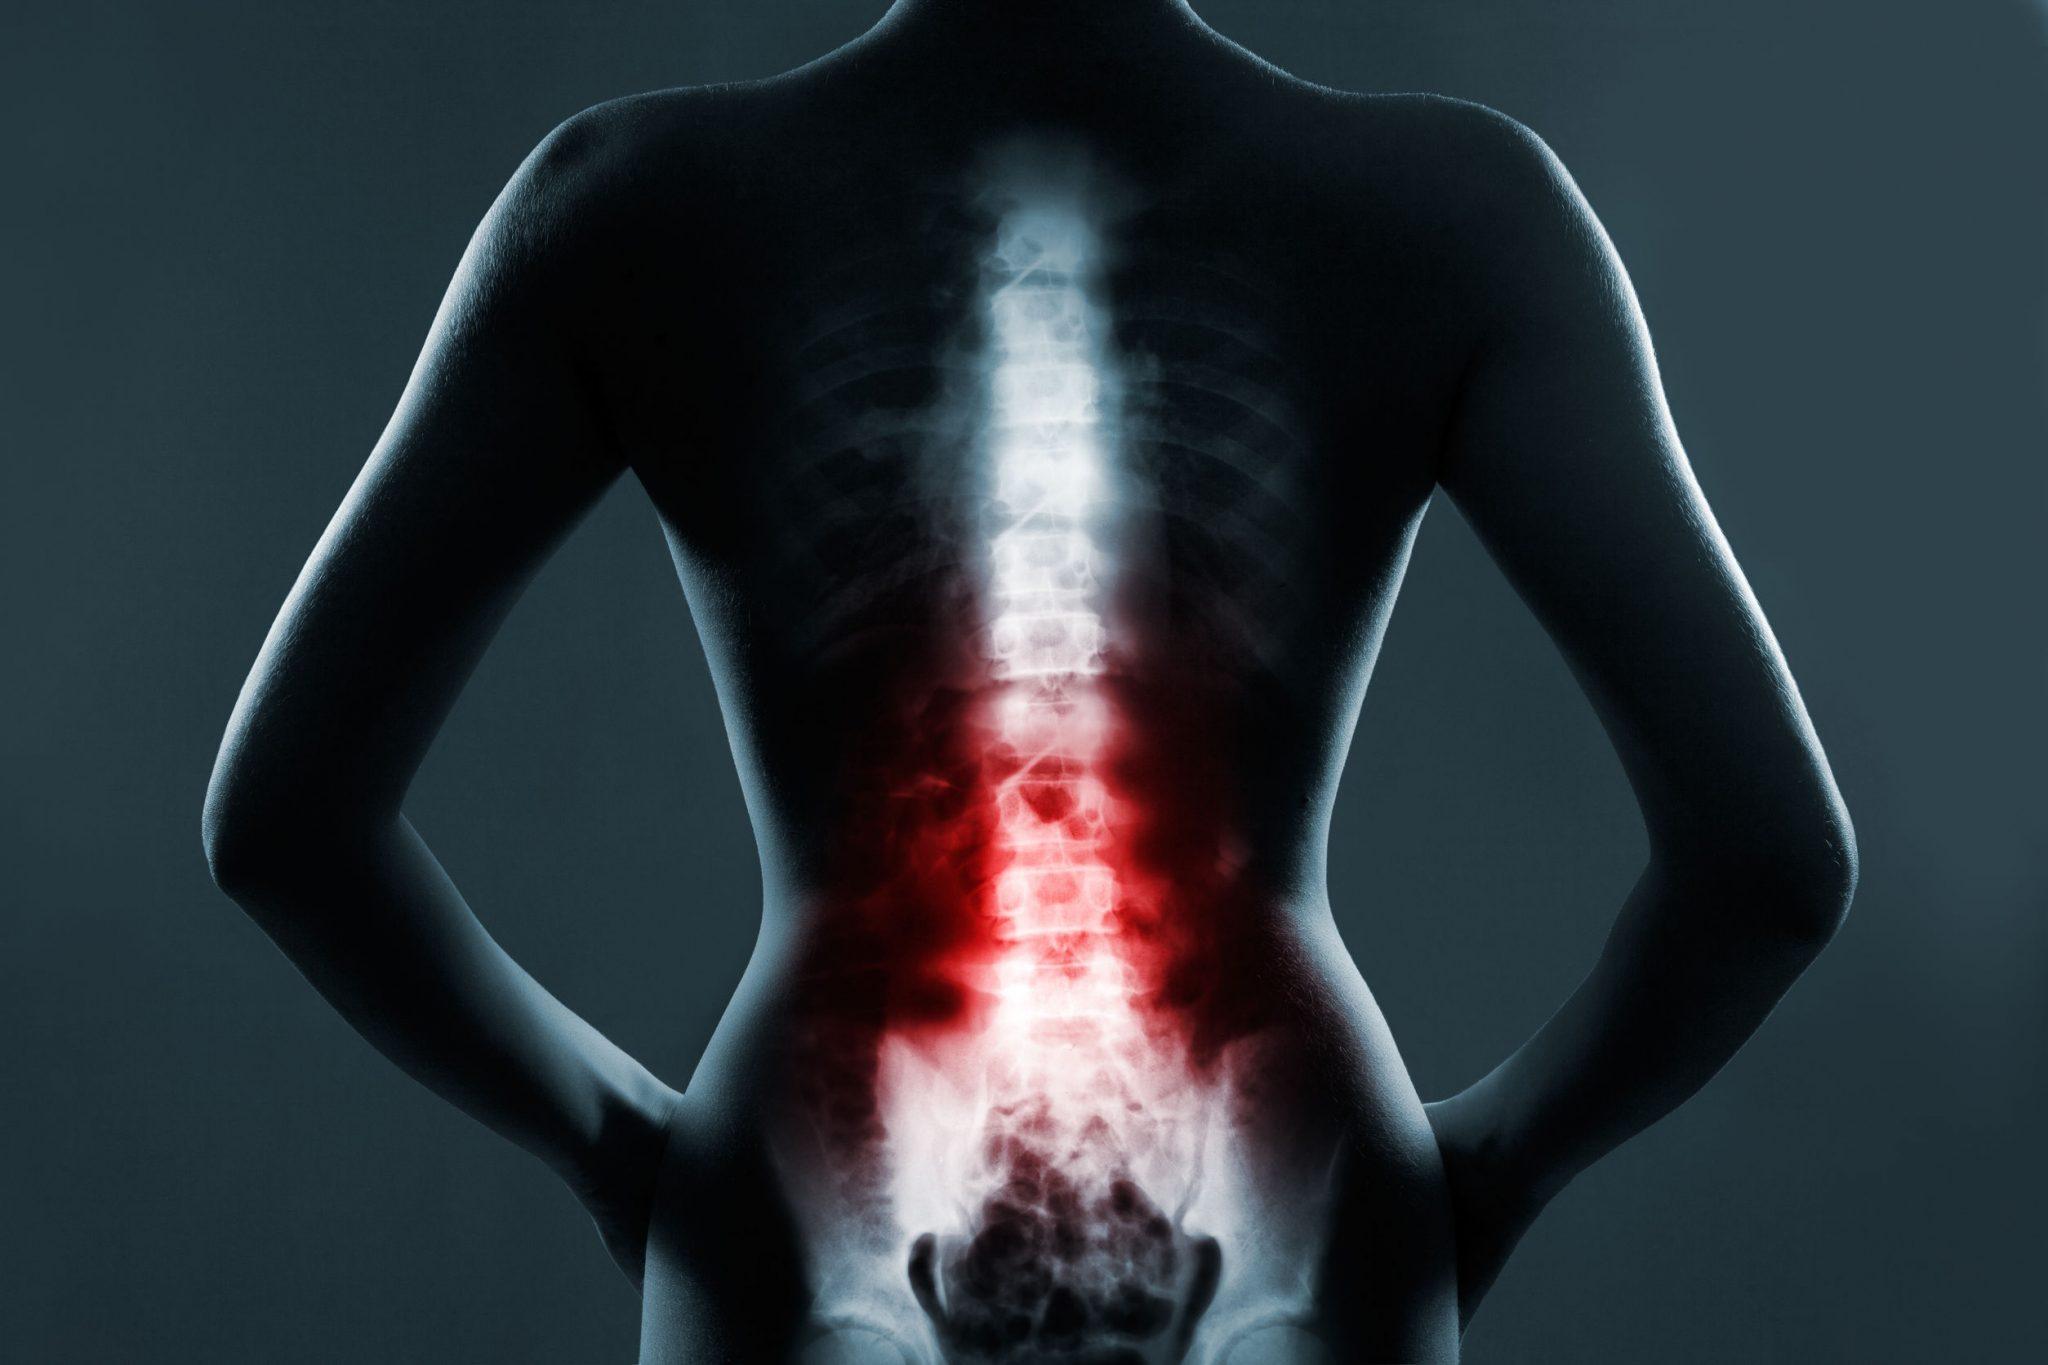 Tumores de coluna: como diagnosticar e tratar